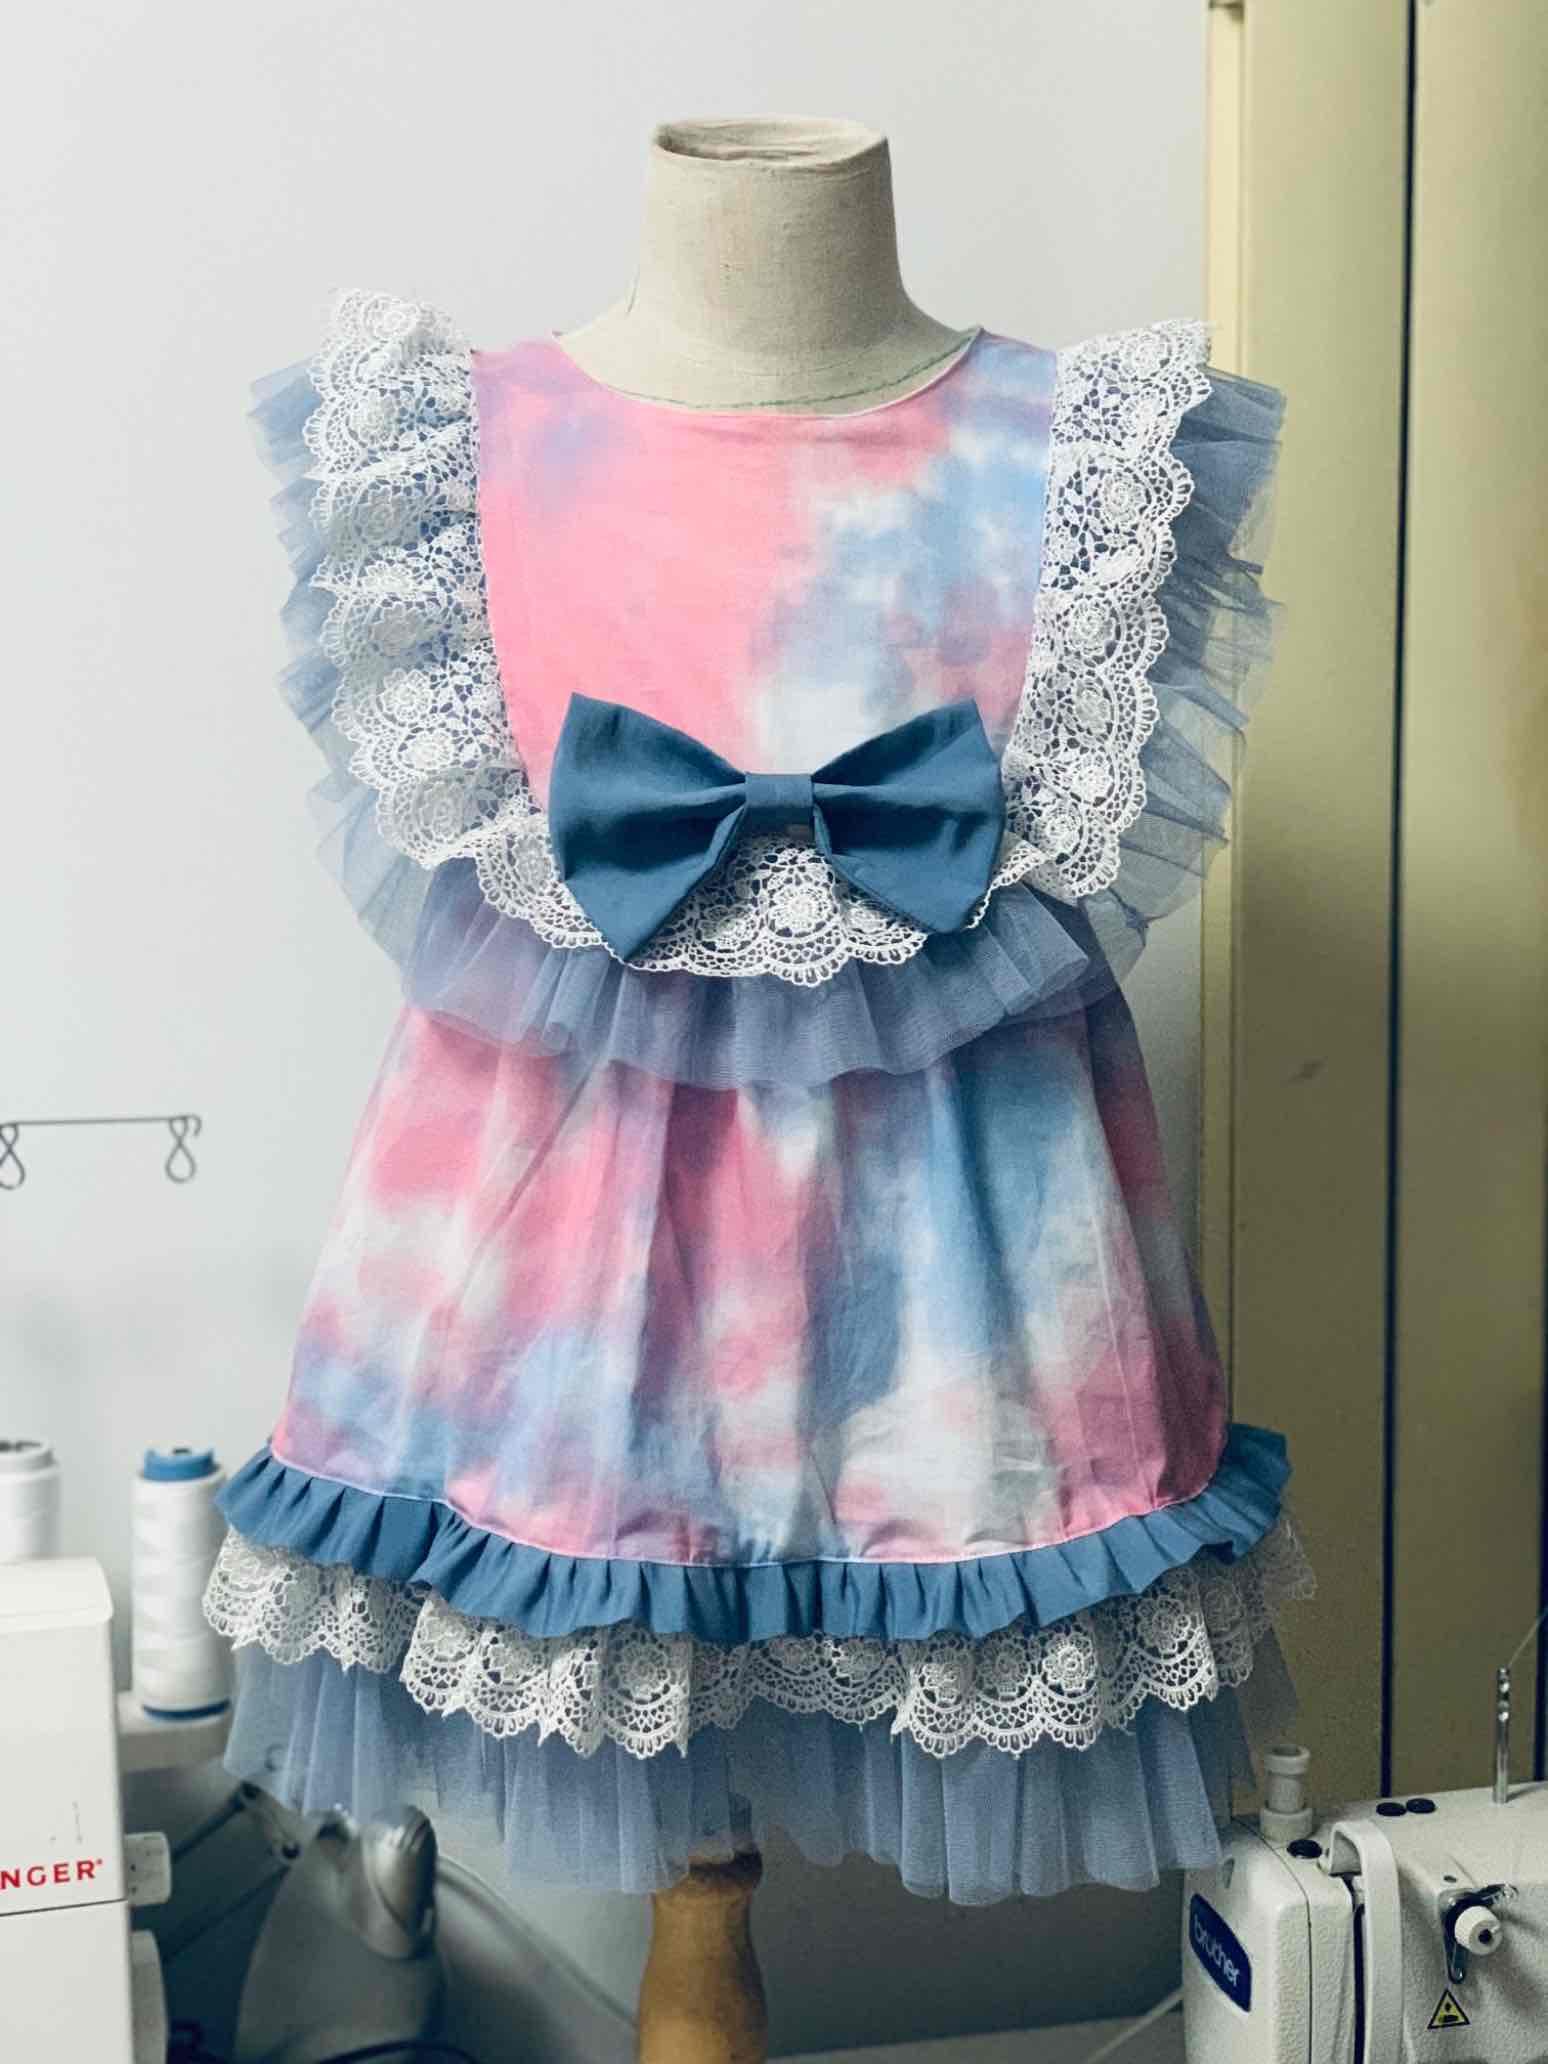 【李物】小仙女的夏天怎能没有小裙子